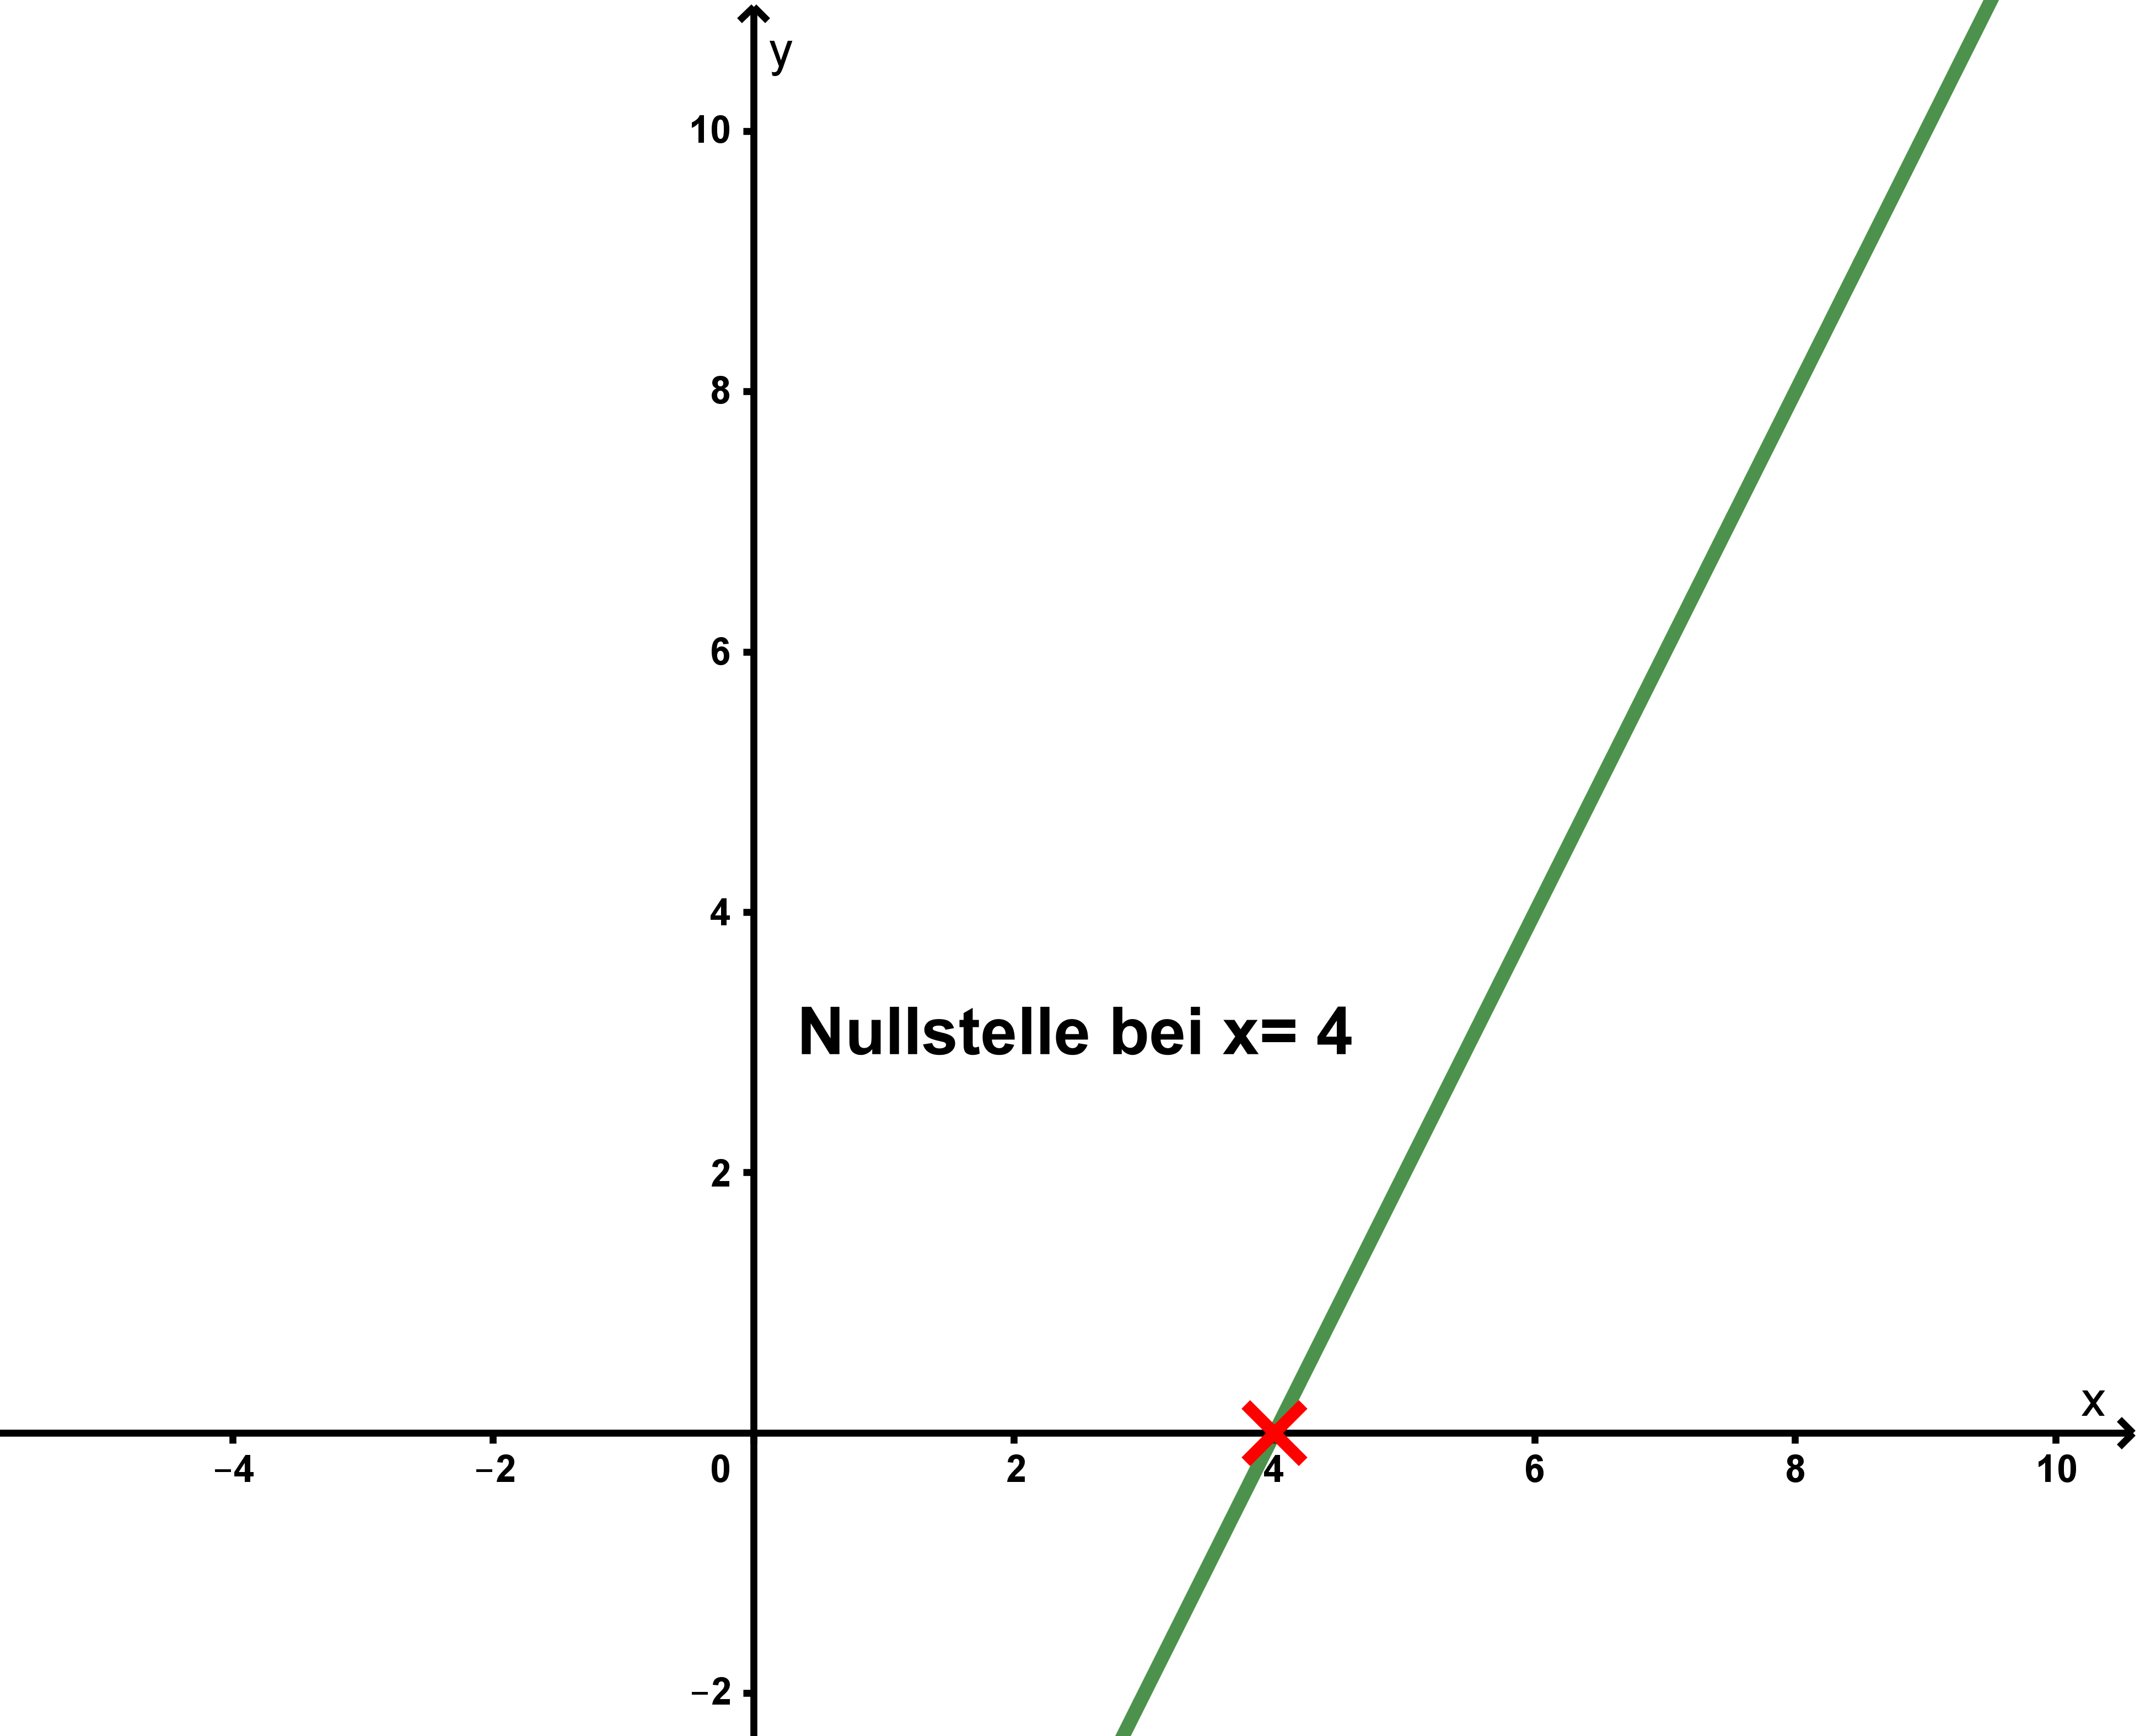 Funktion: f(x)=2x-8 mit Nullstelle x=4